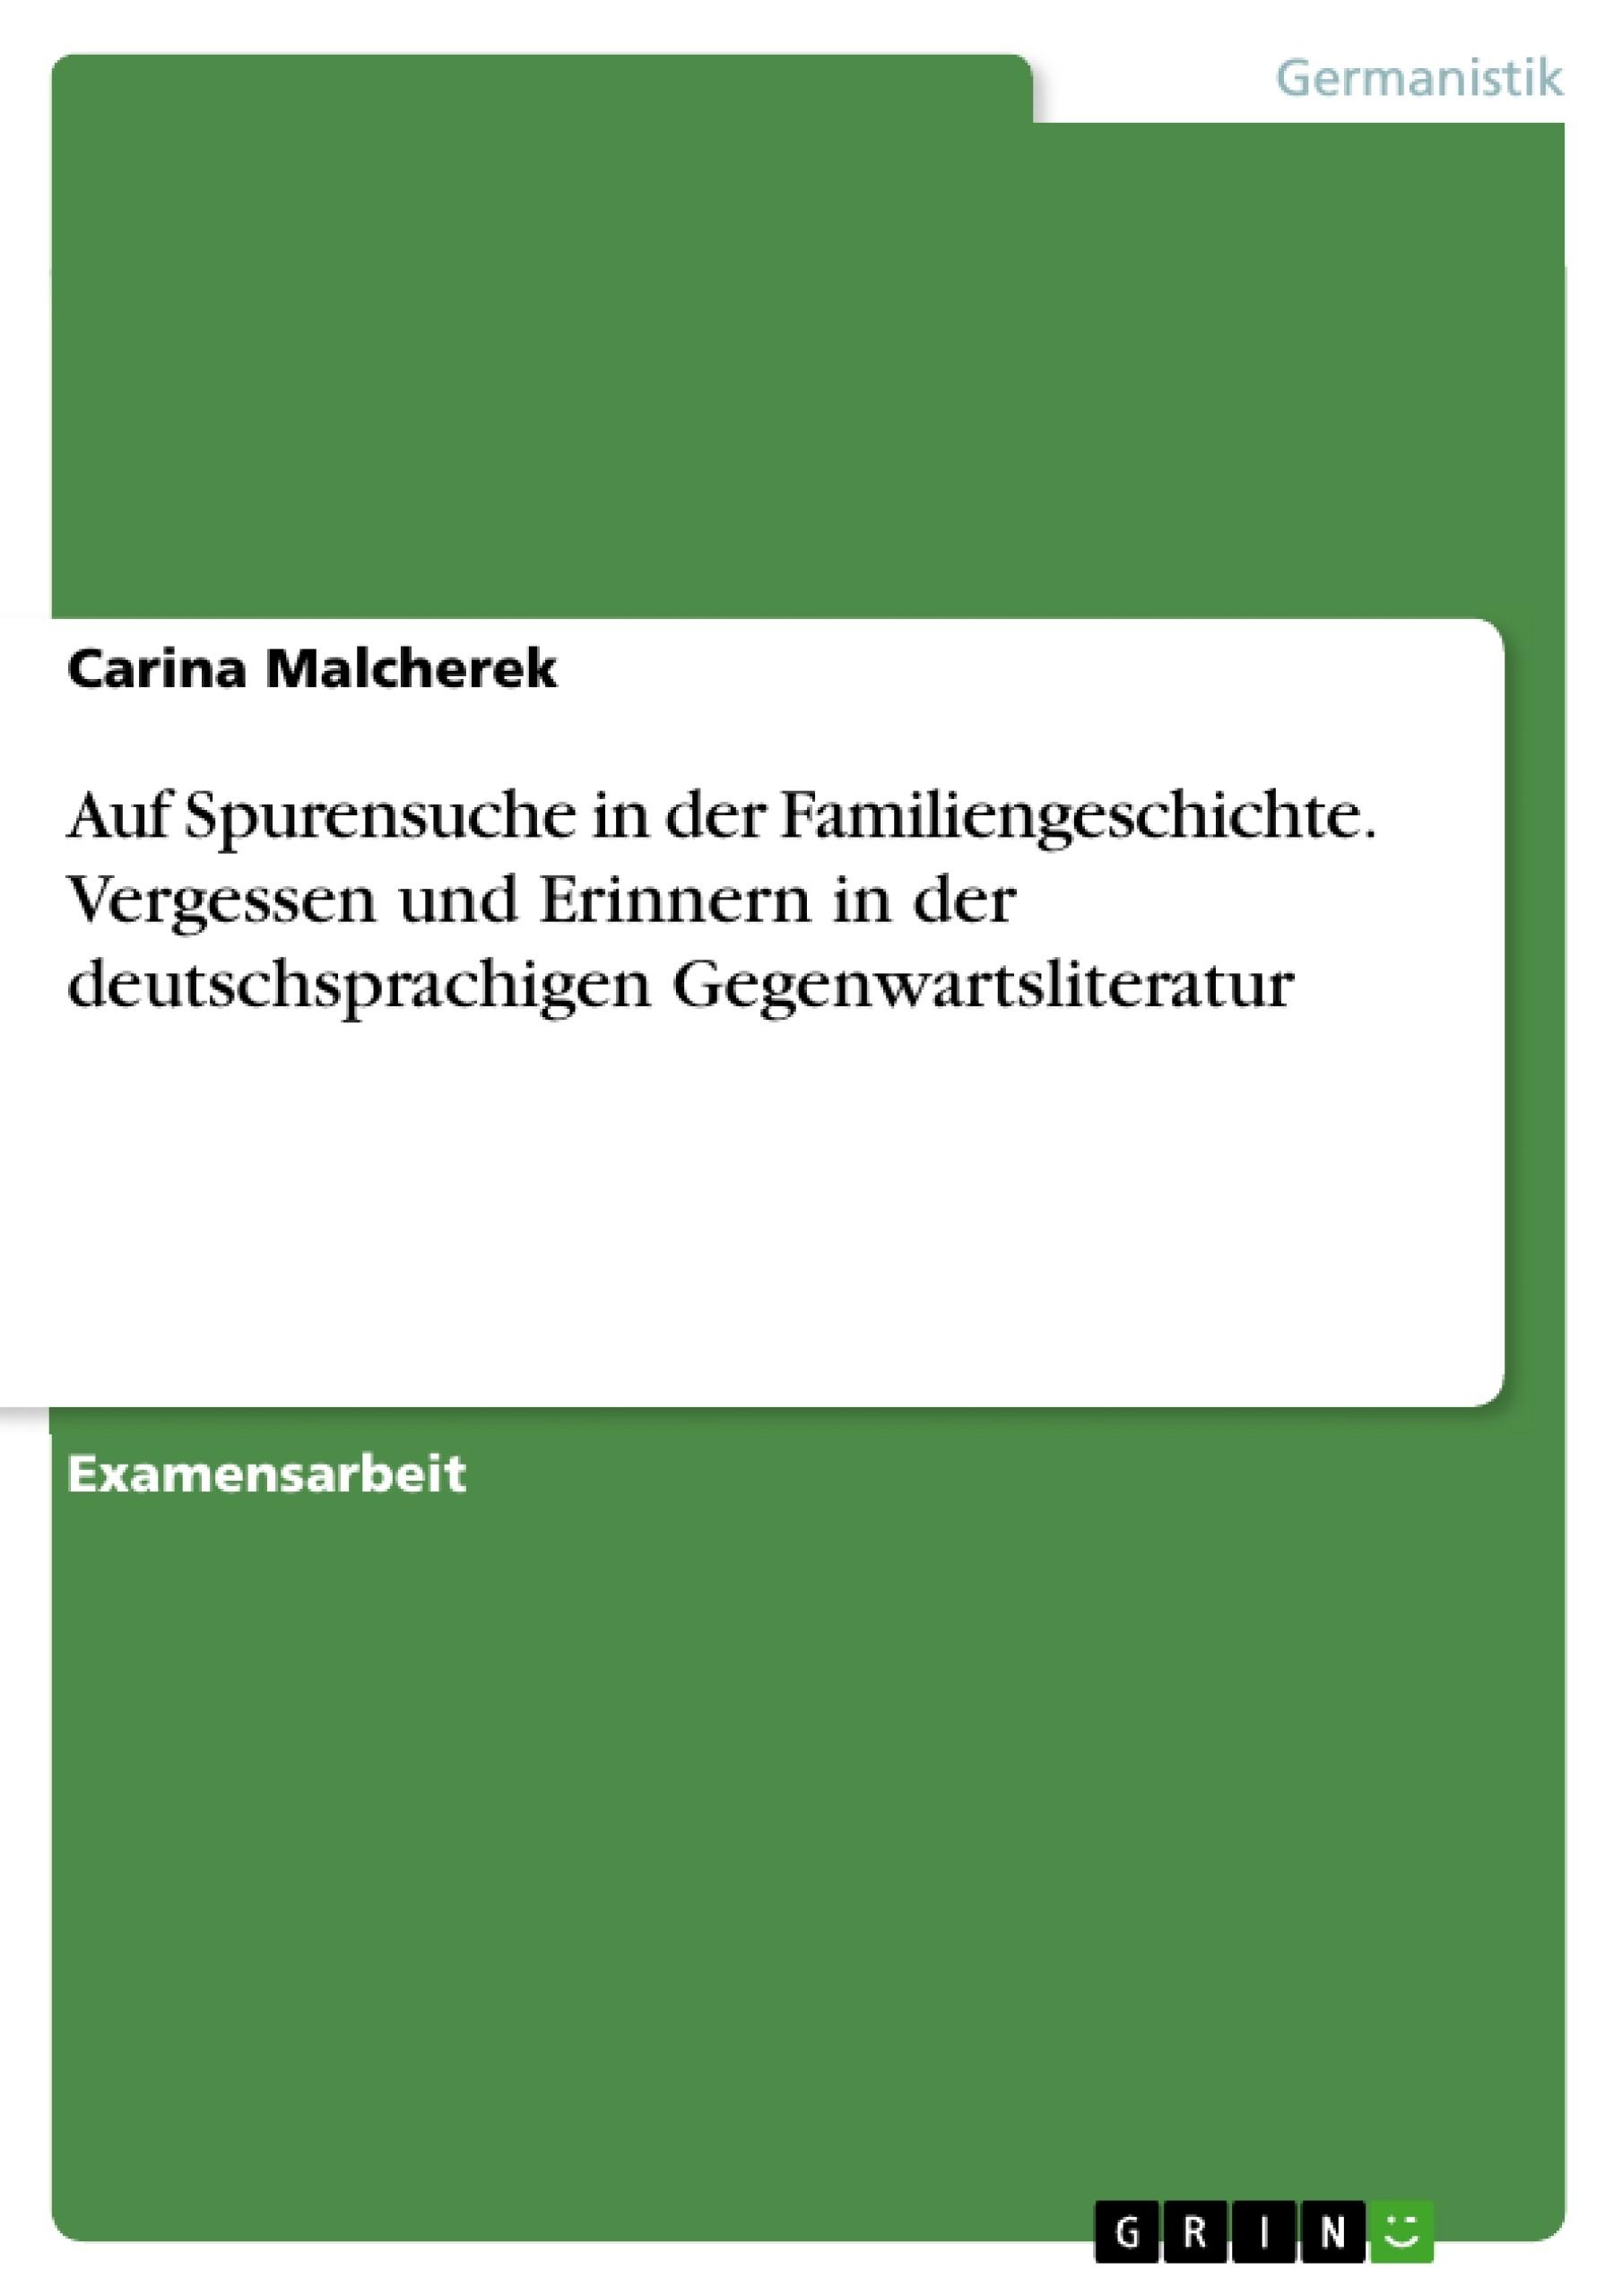 Titel: Auf Spurensuche in der Familiengeschichte. Vergessen und Erinnern in der deutschsprachigen Gegenwartsliteratur